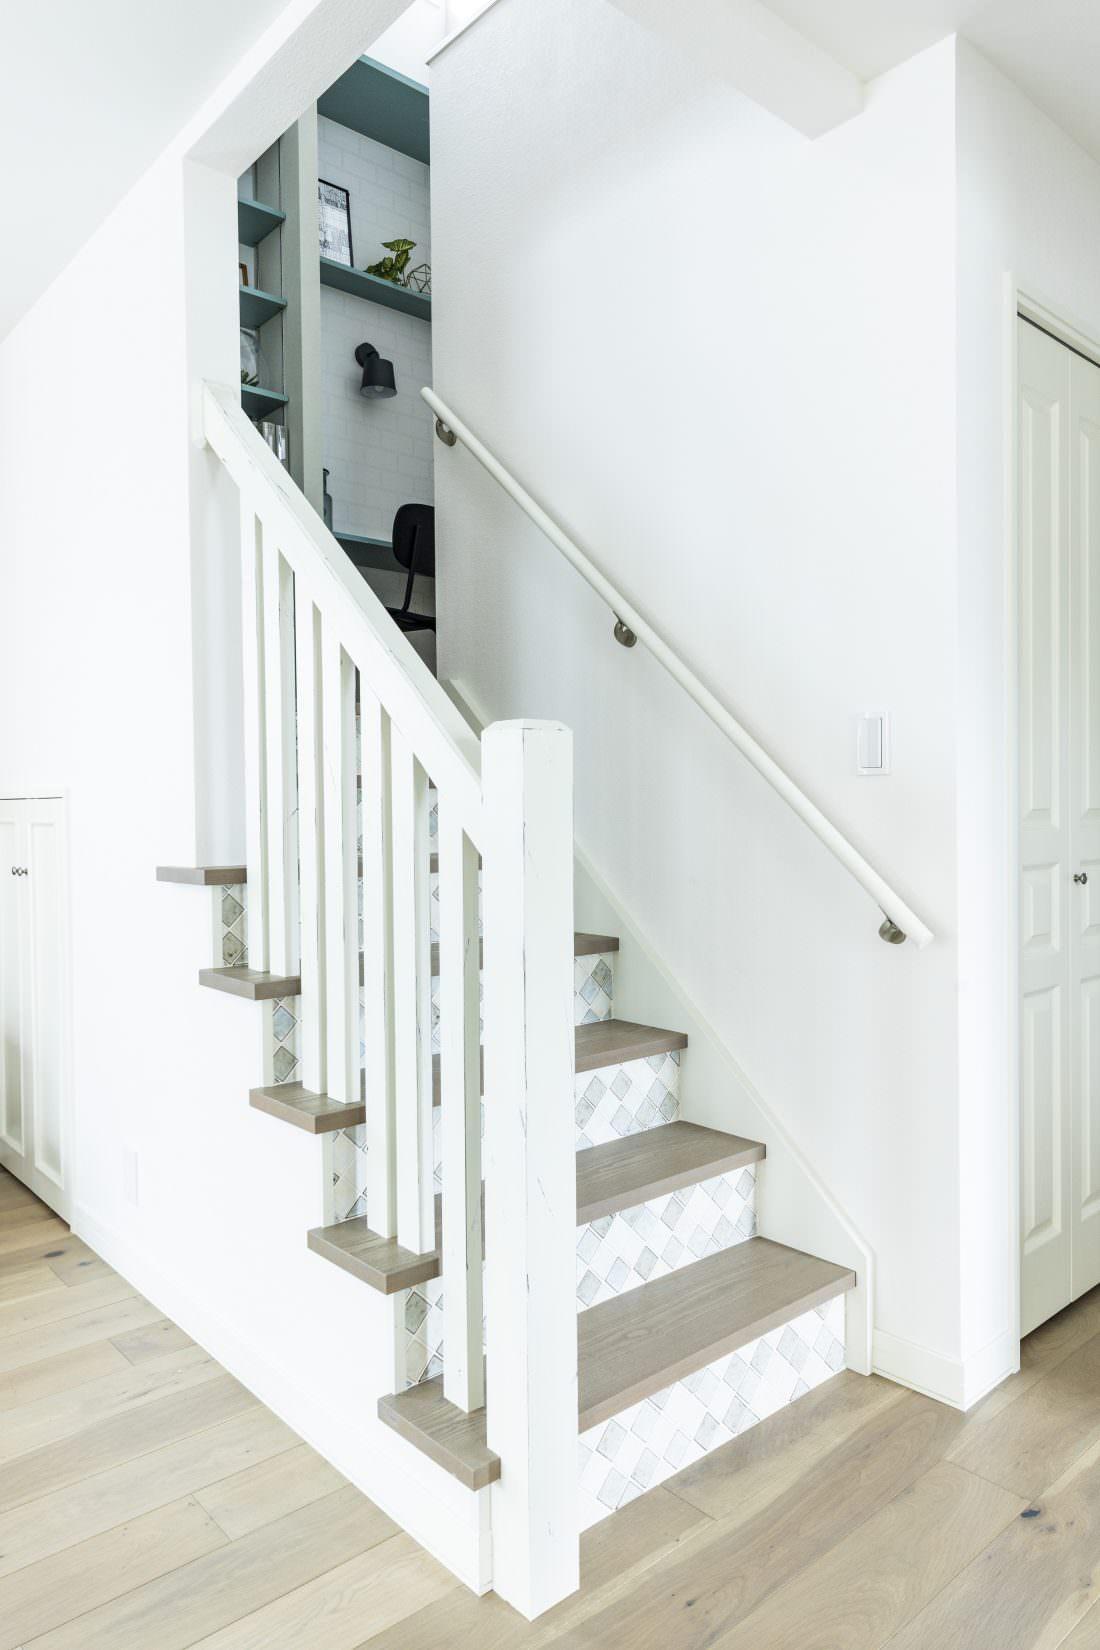 エイジング塗装でアンティークなイメージの階段スターティング